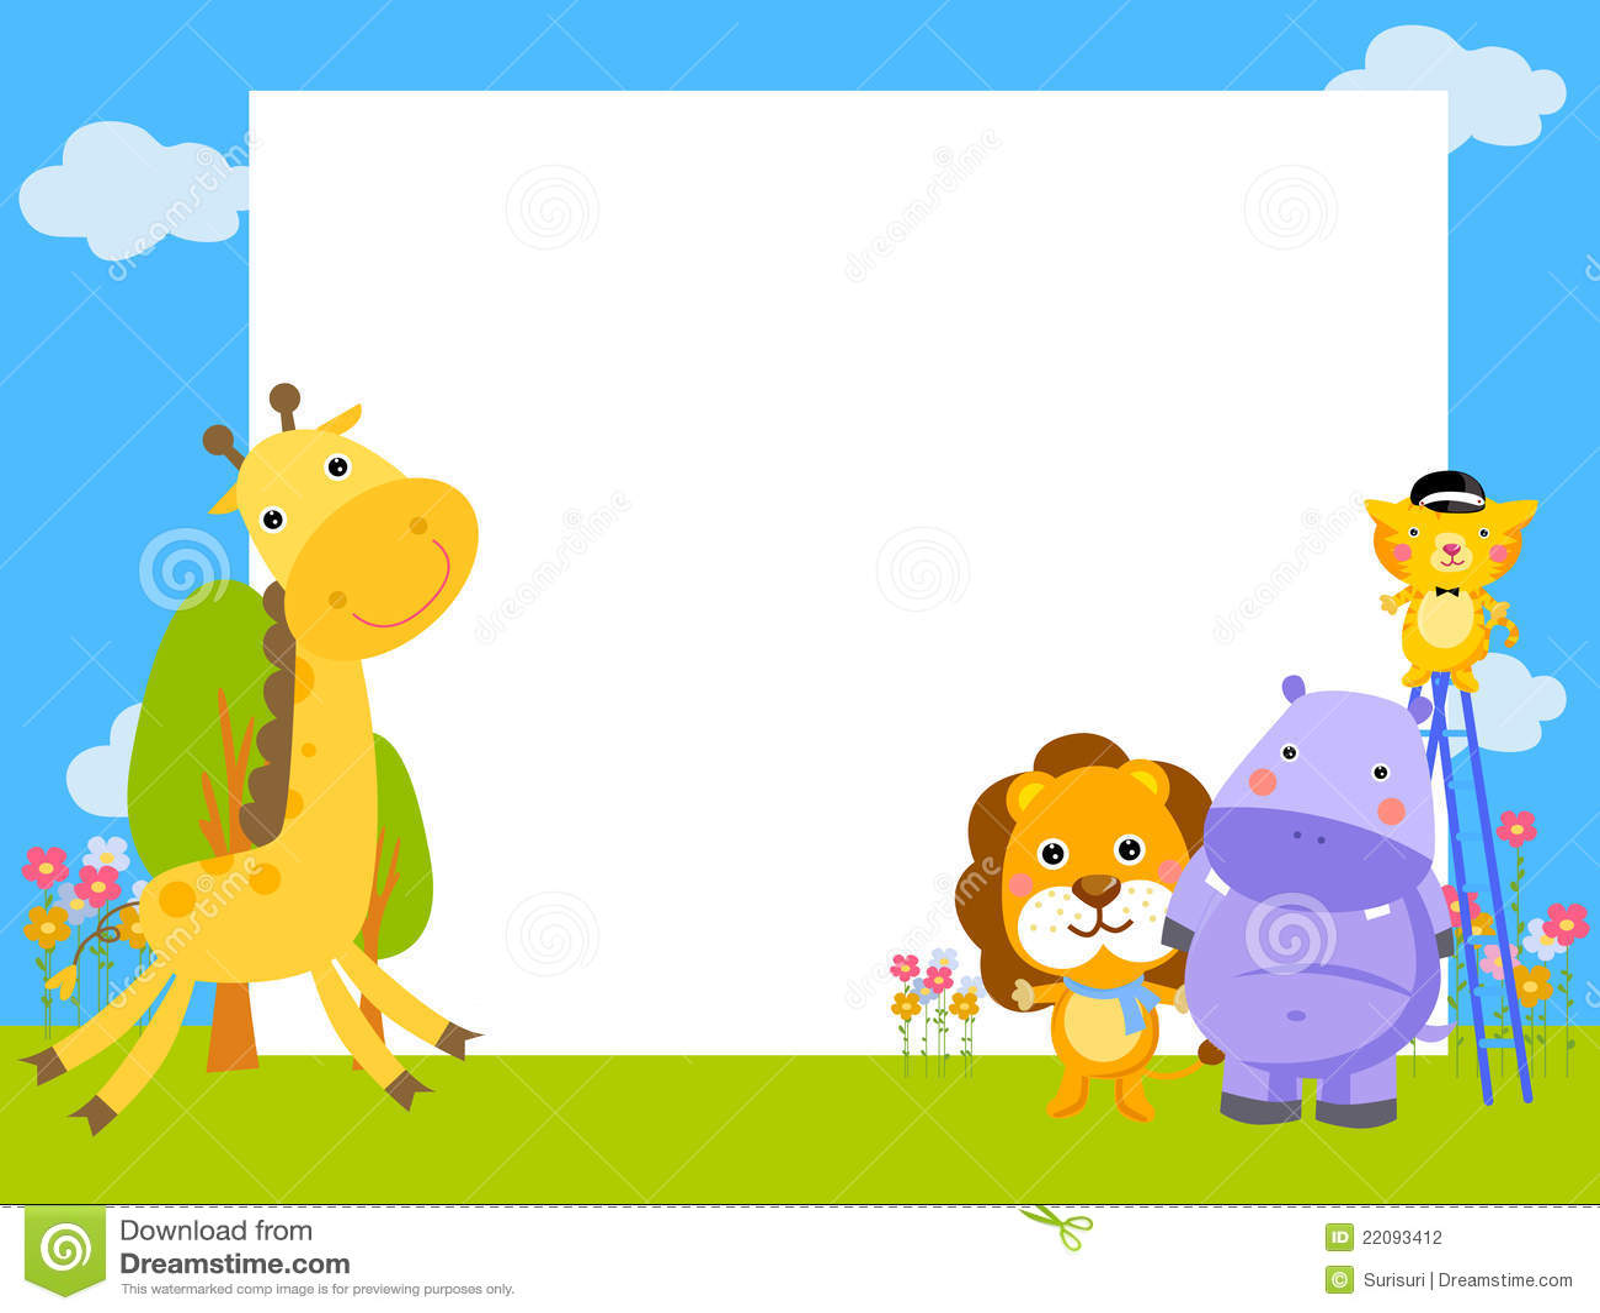 与四个动物的框架 图库摄影 - 图片: 22093412